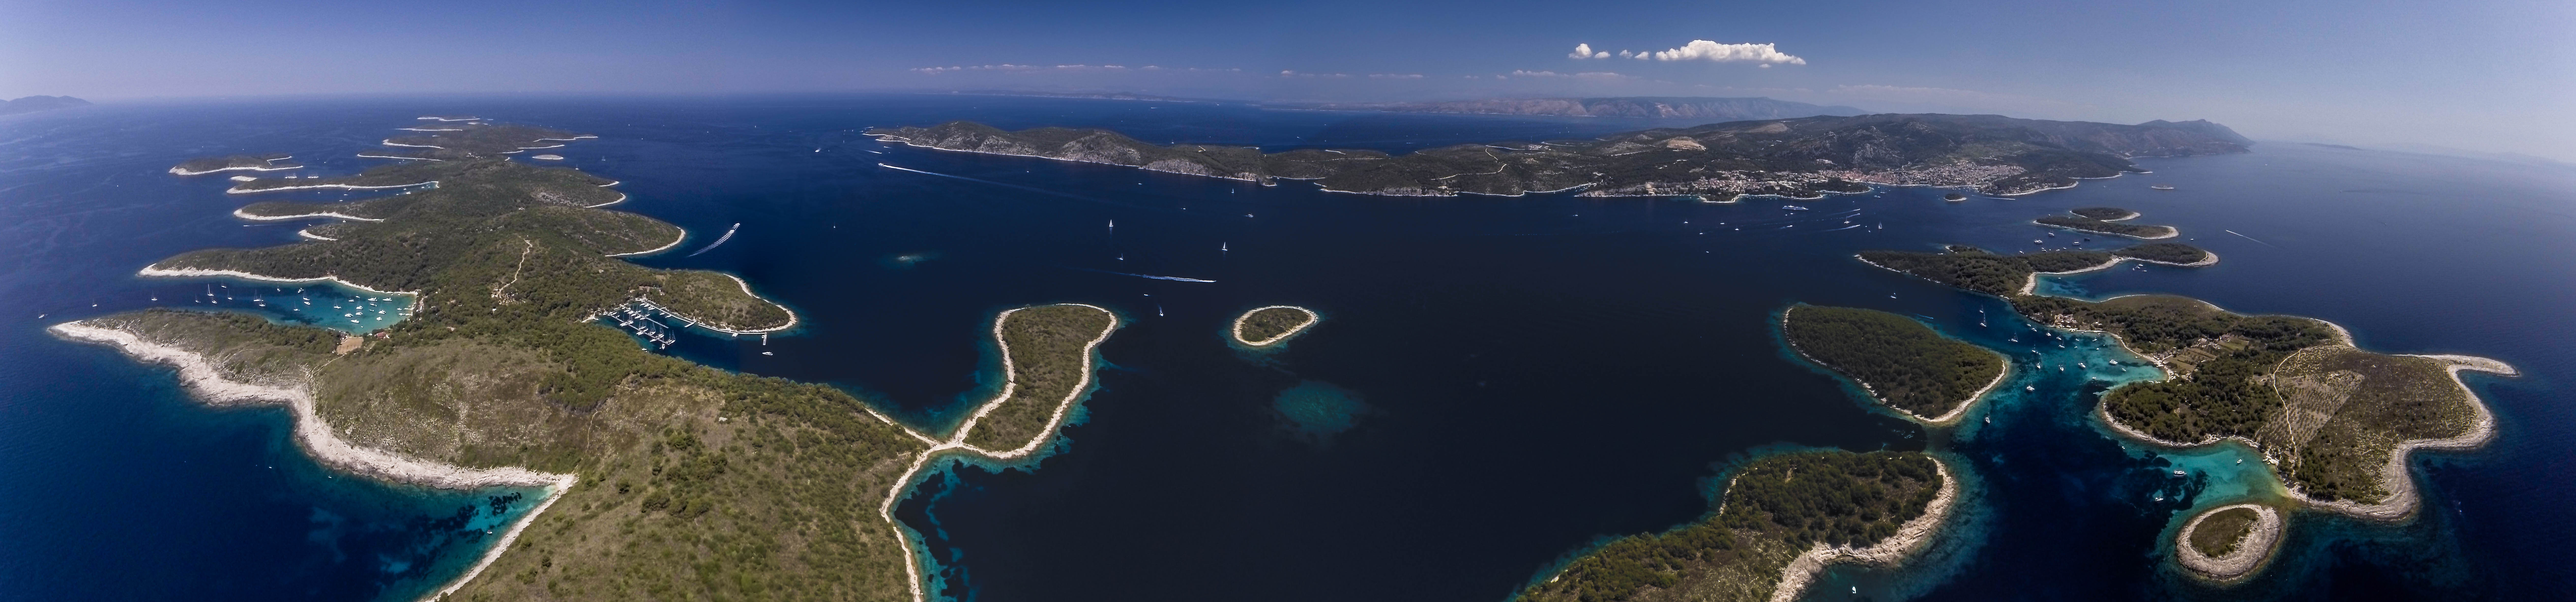 Pano of Paklinski Islands, Hvar, Croatia